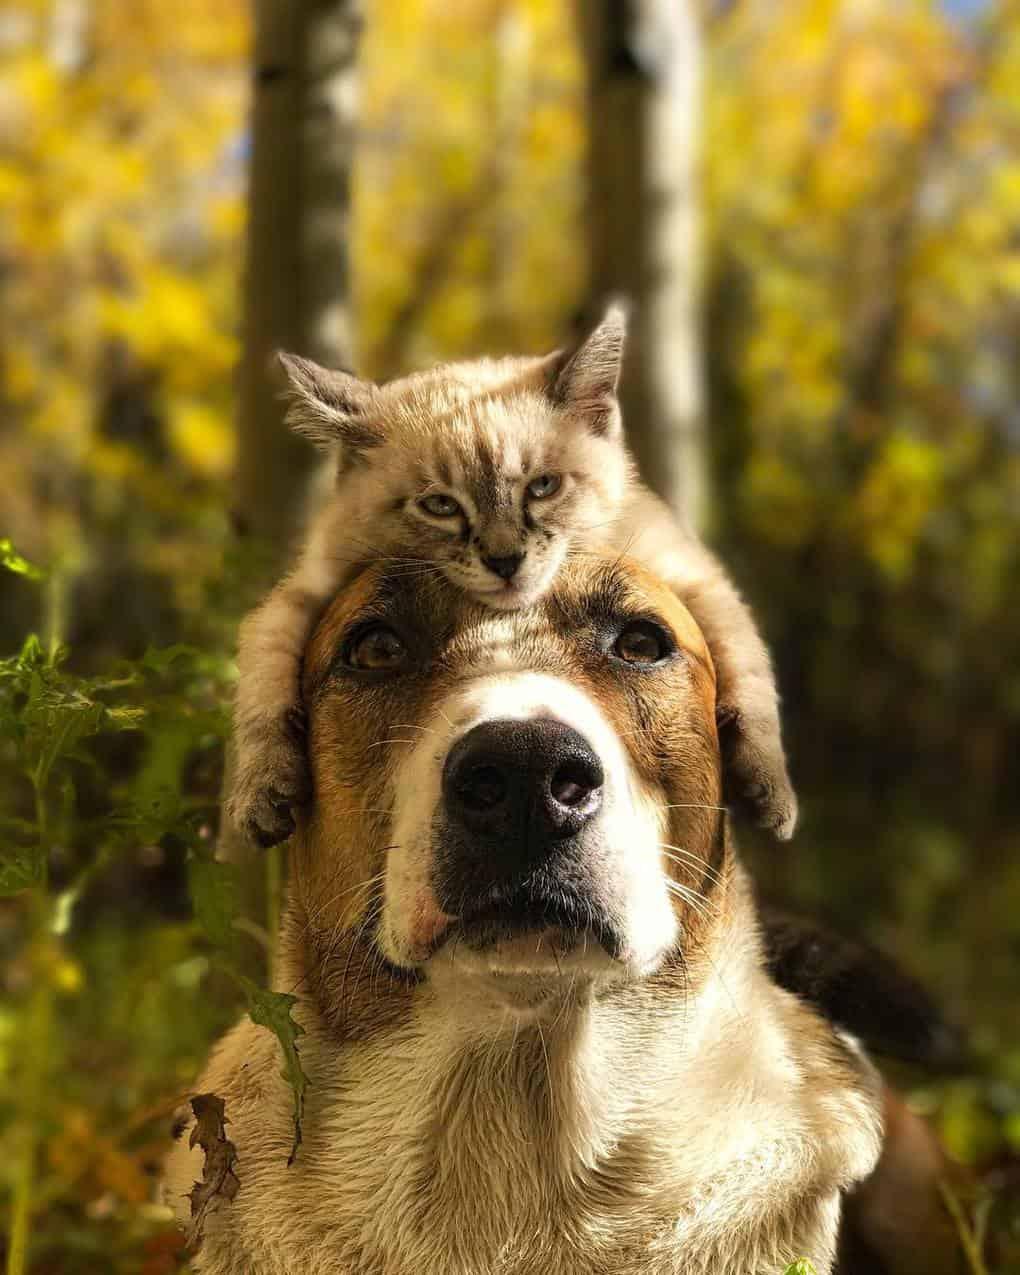 За плечами этого пса и кота месяцы путешествий и сотни прекрасных снимков!